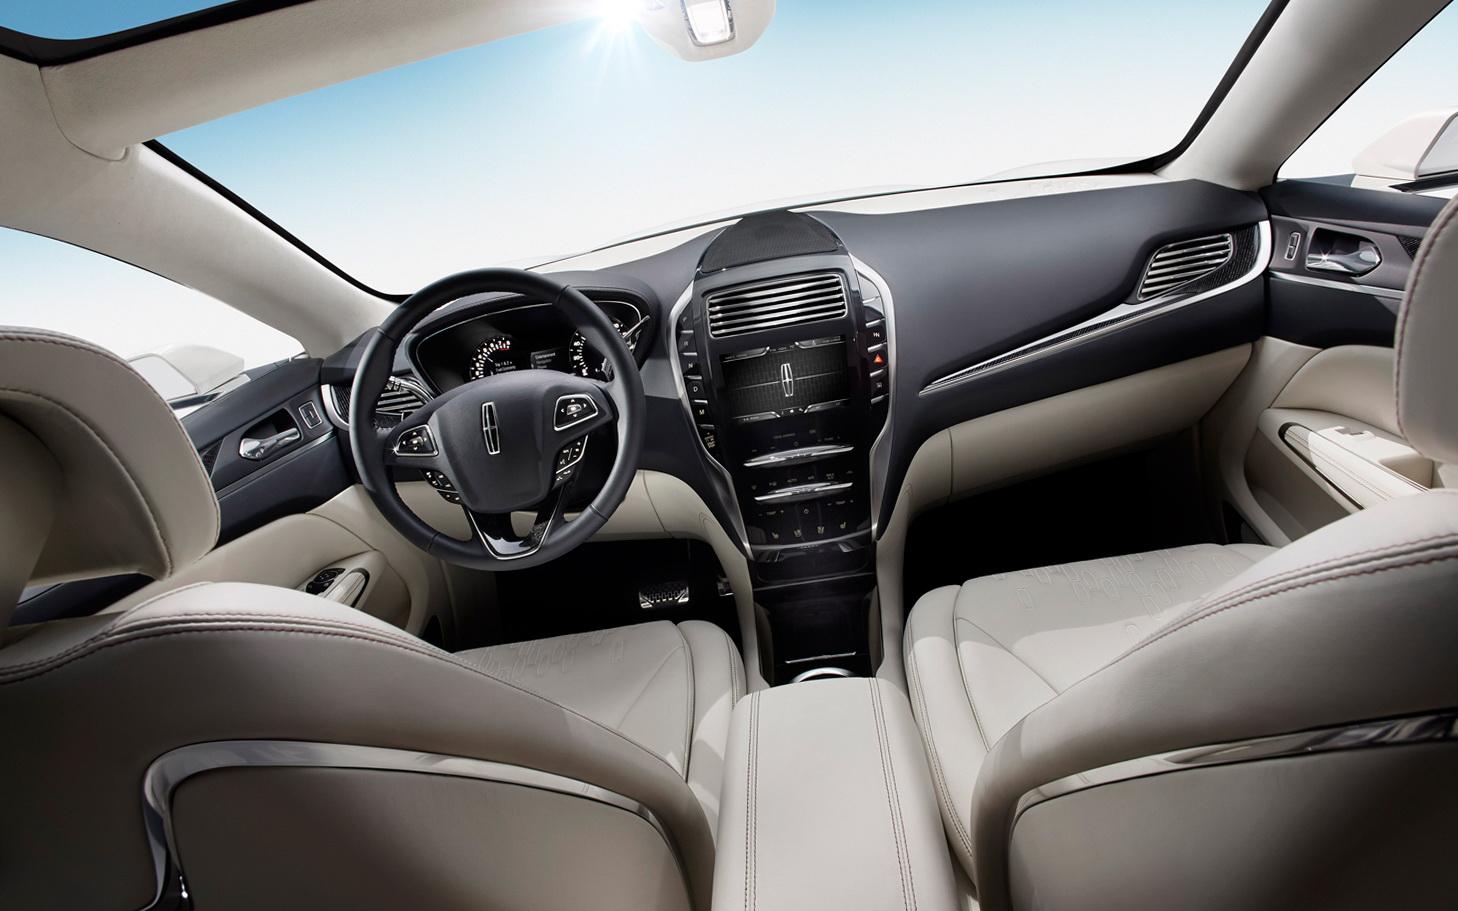 2015 Lincoln MKC SUV Front Design Wallpaper Automotive Designs 1458x911